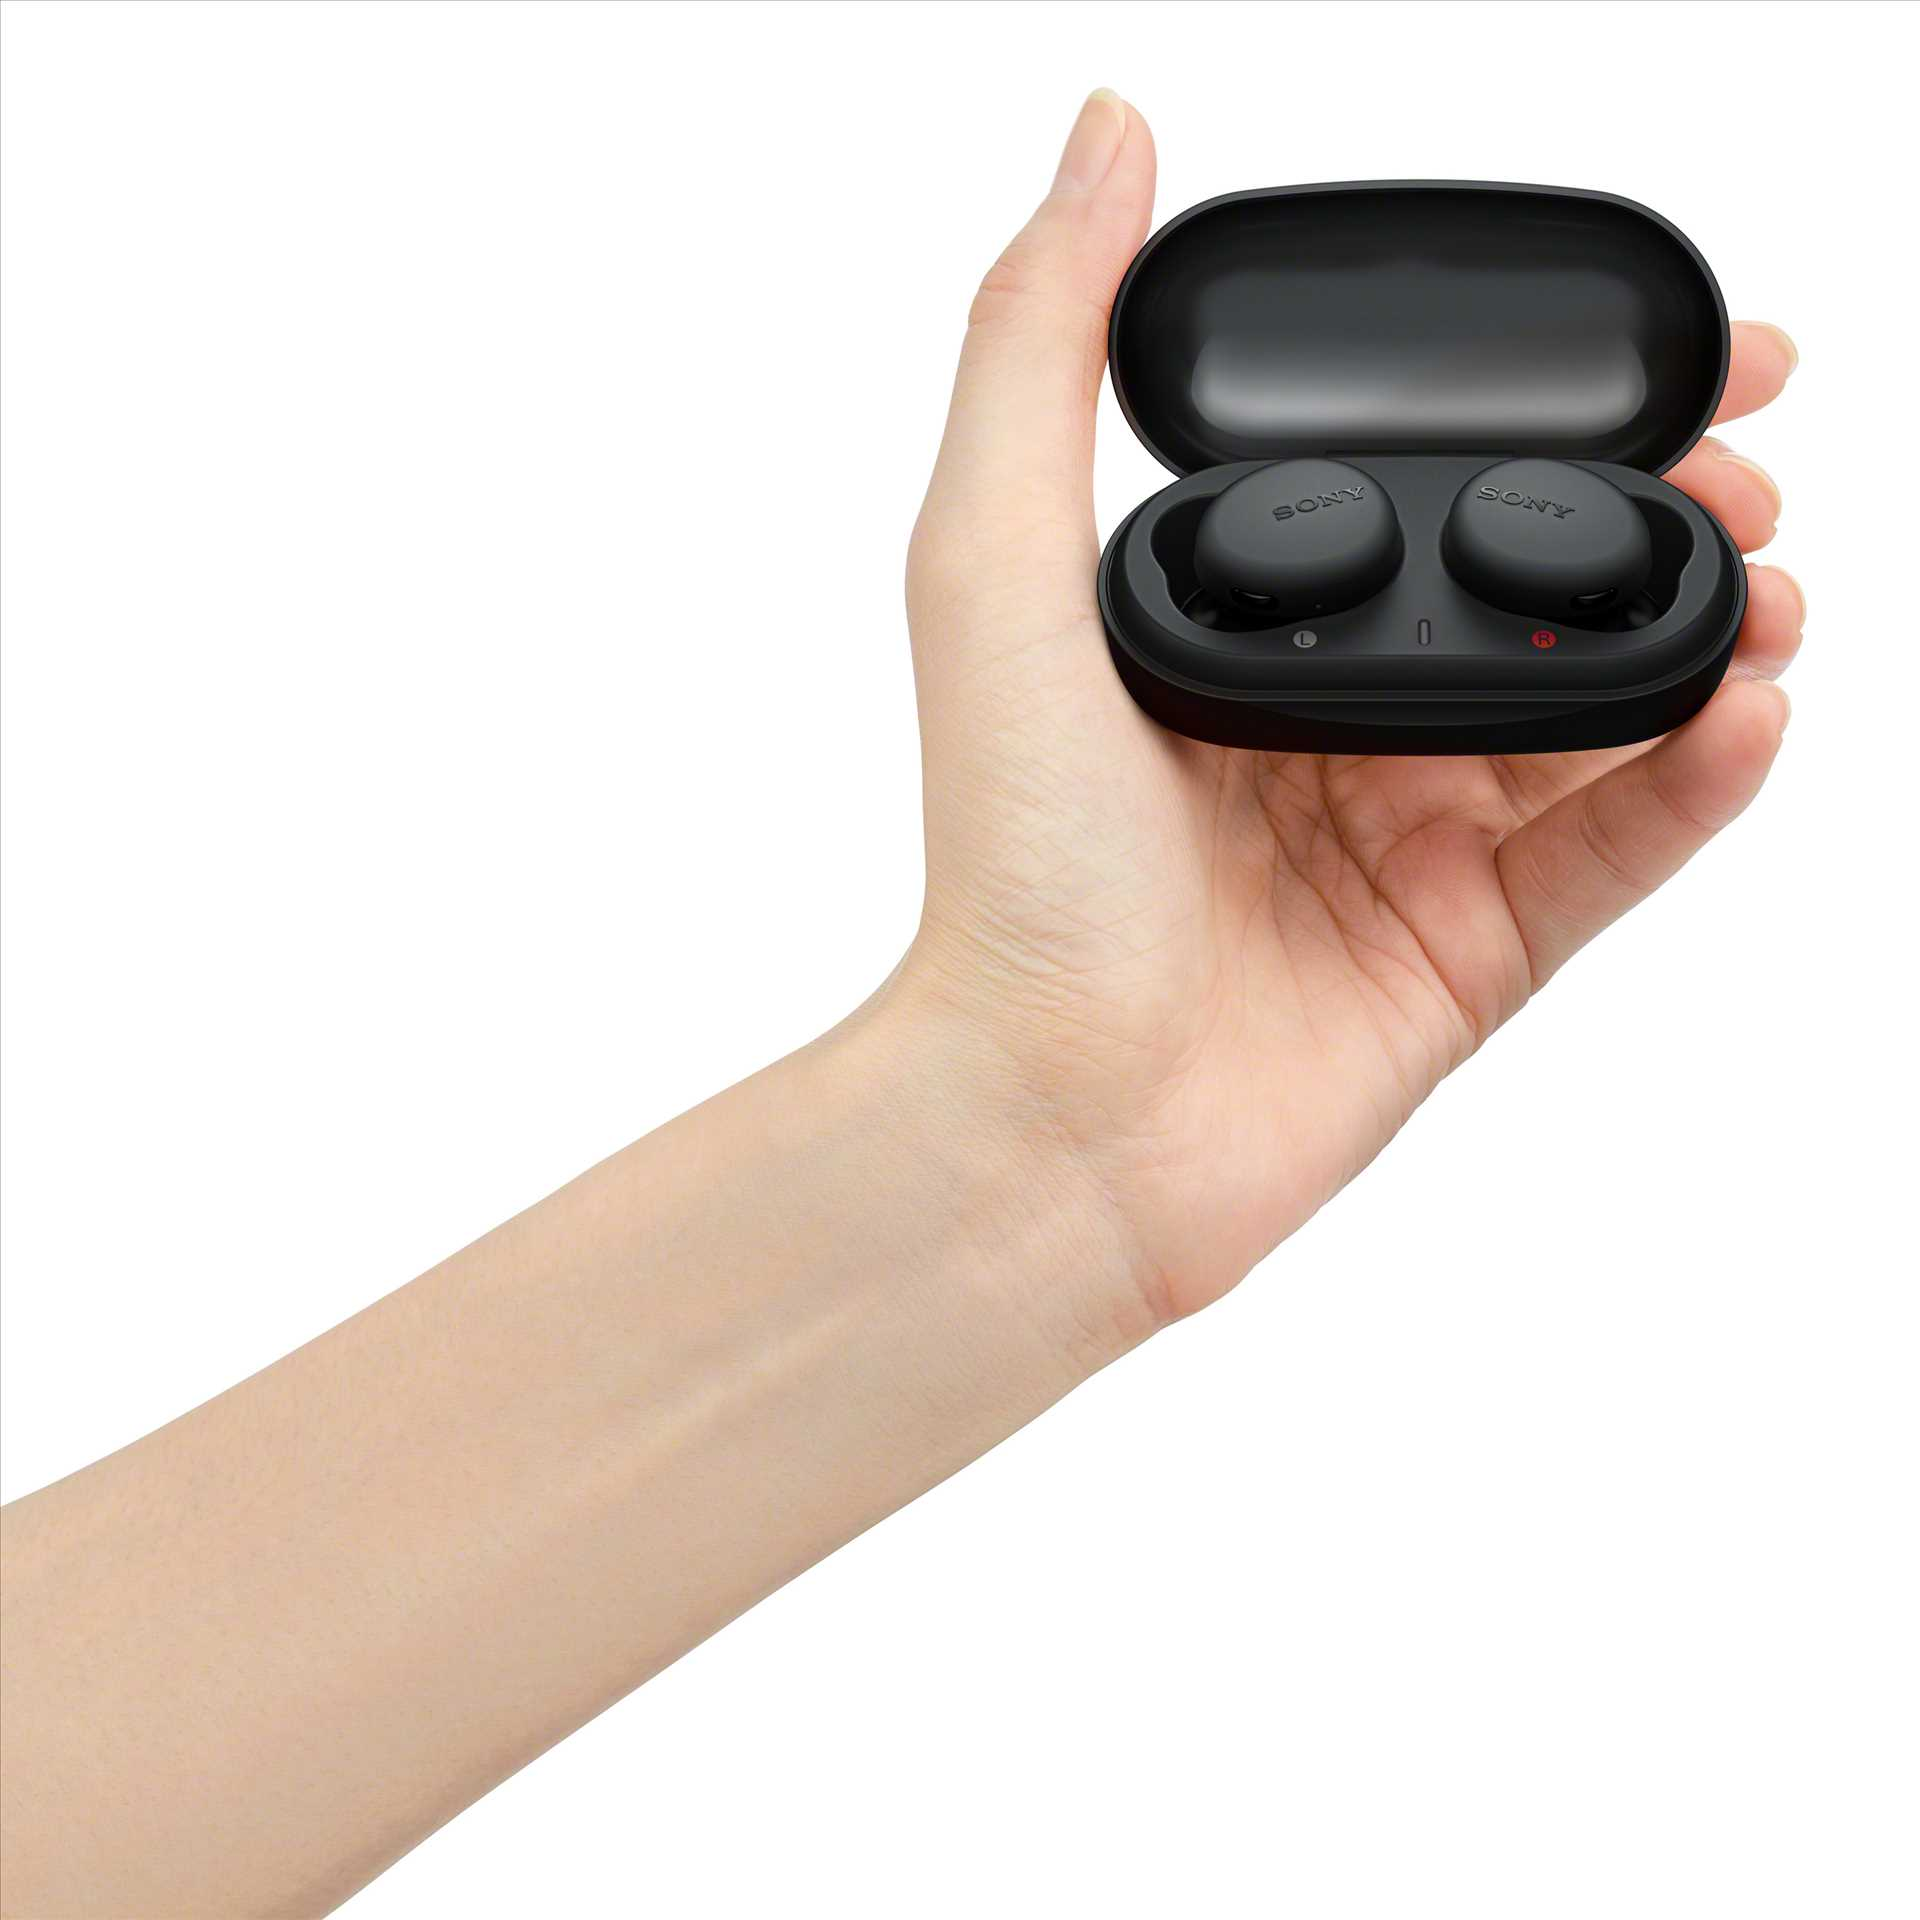 אוזניות Sony WF-XB700B True Wireless סוני שחורות - תמונה 8